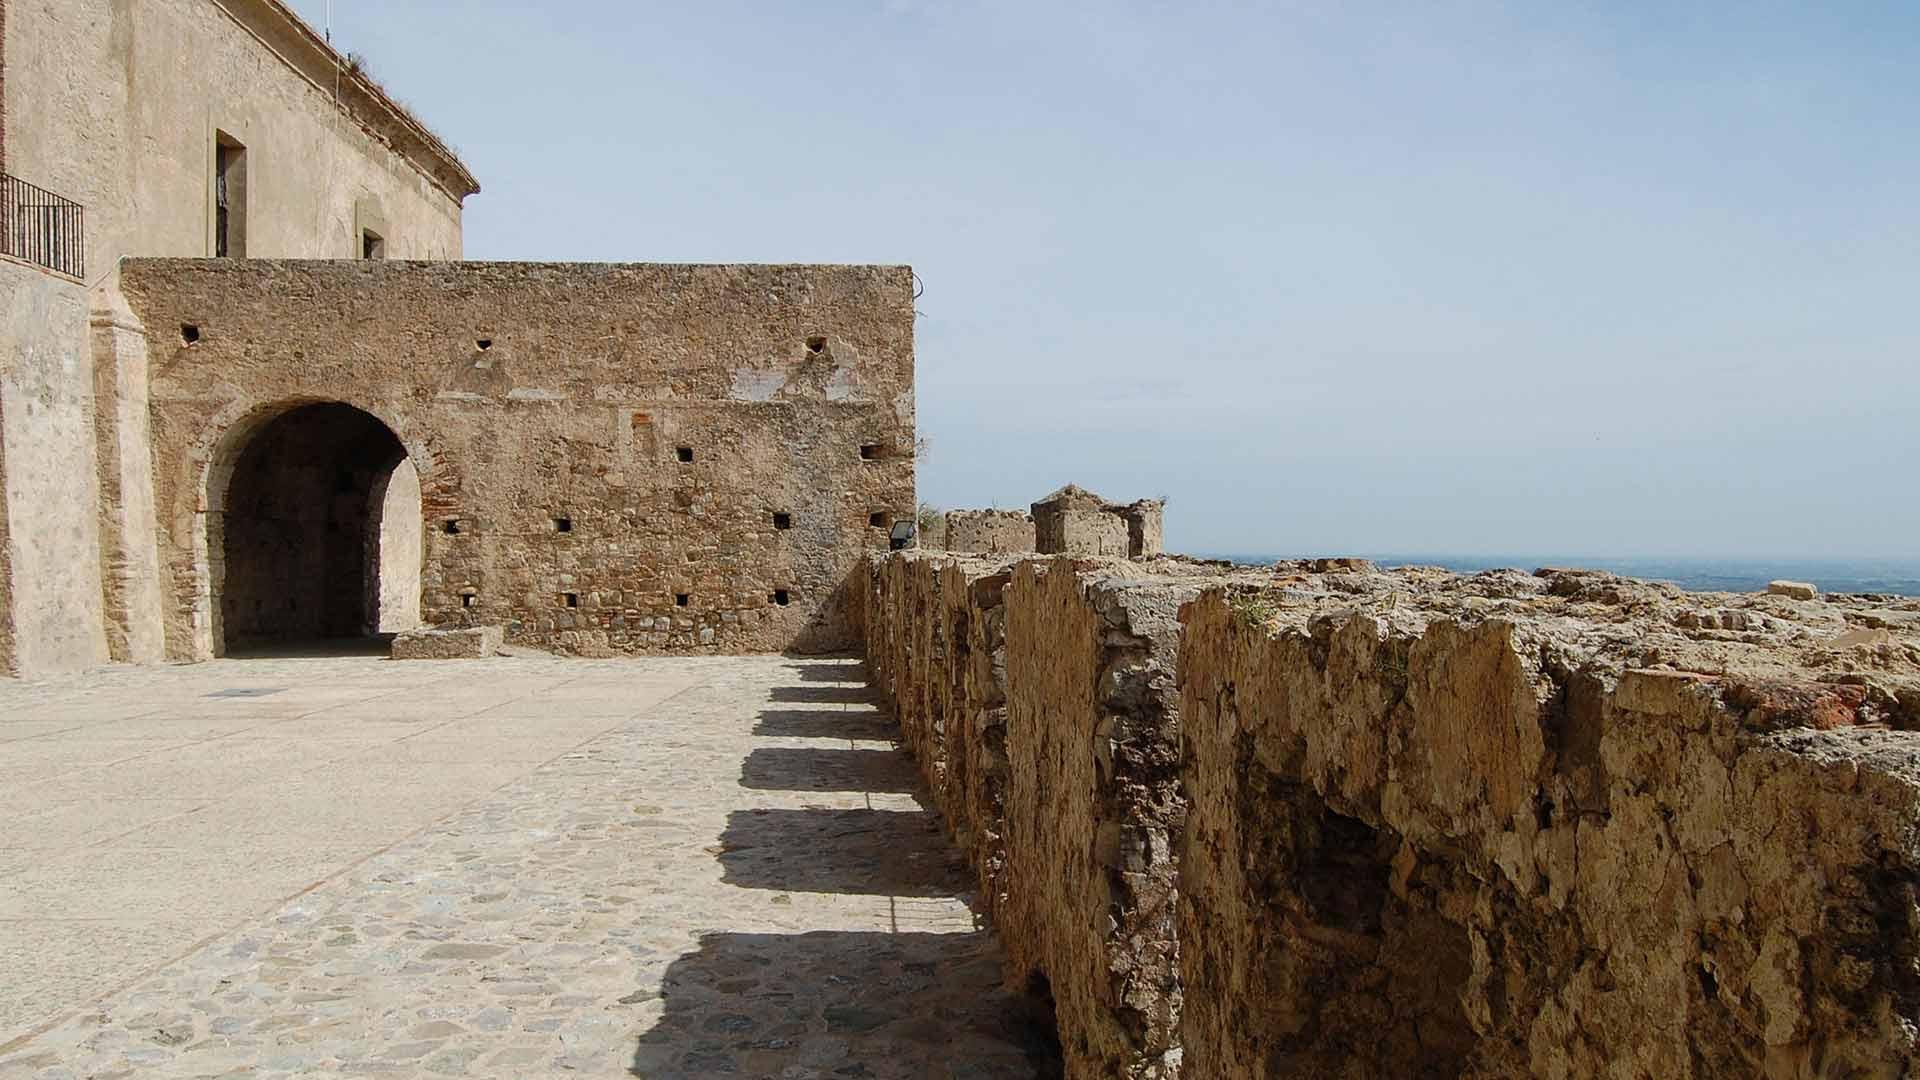 Castello Svevo di Rocca Imperiale - Piazza d'Armi